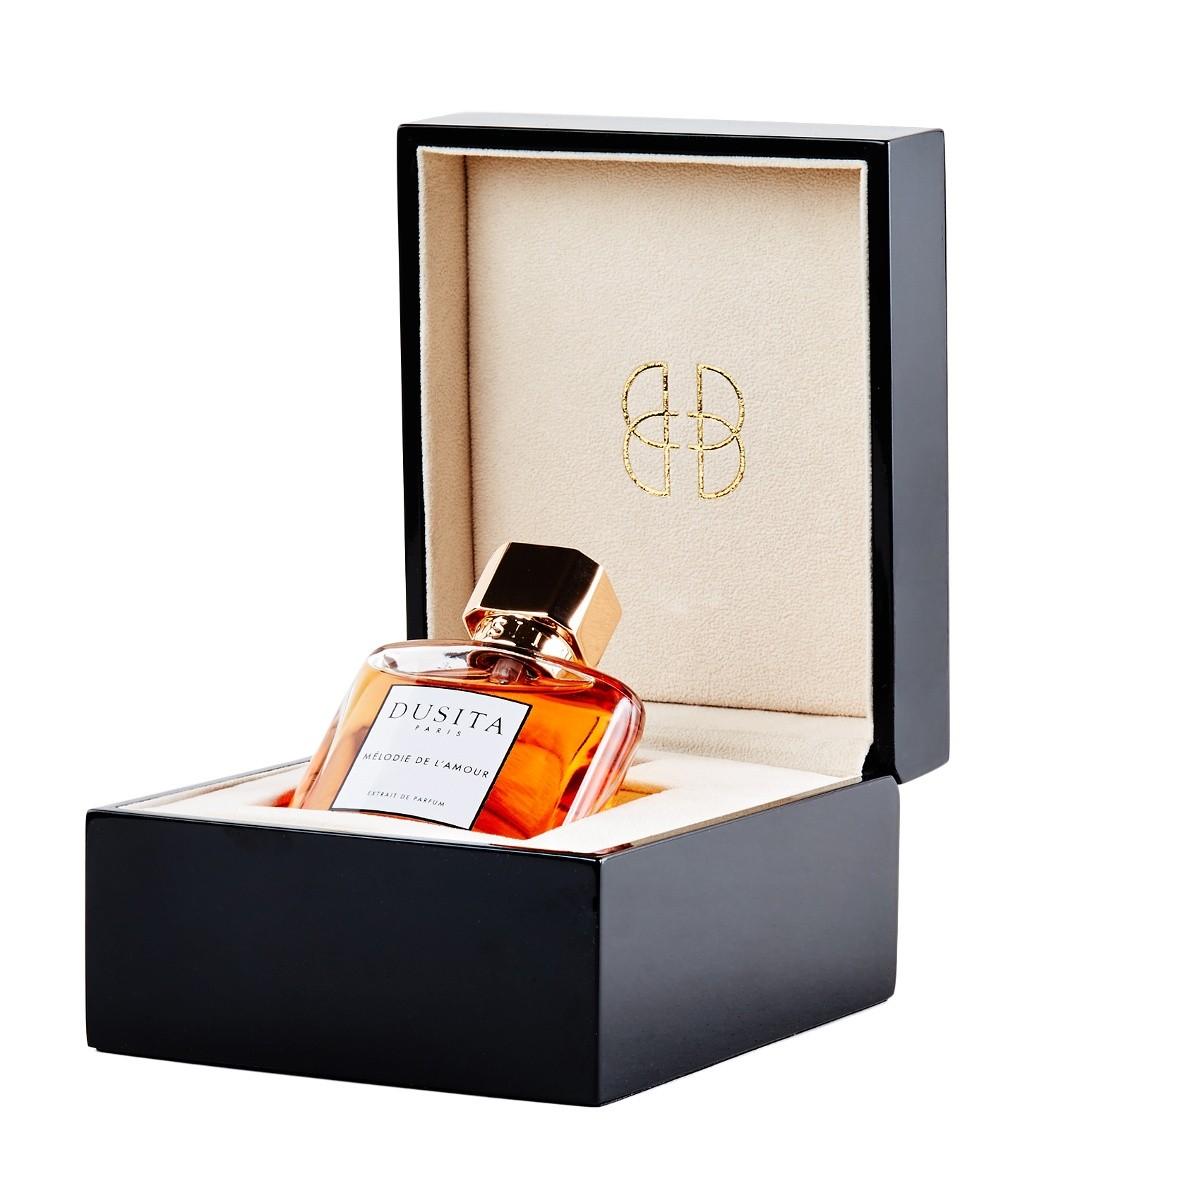 Dusita MÉLODIE DE L'AMOUR box